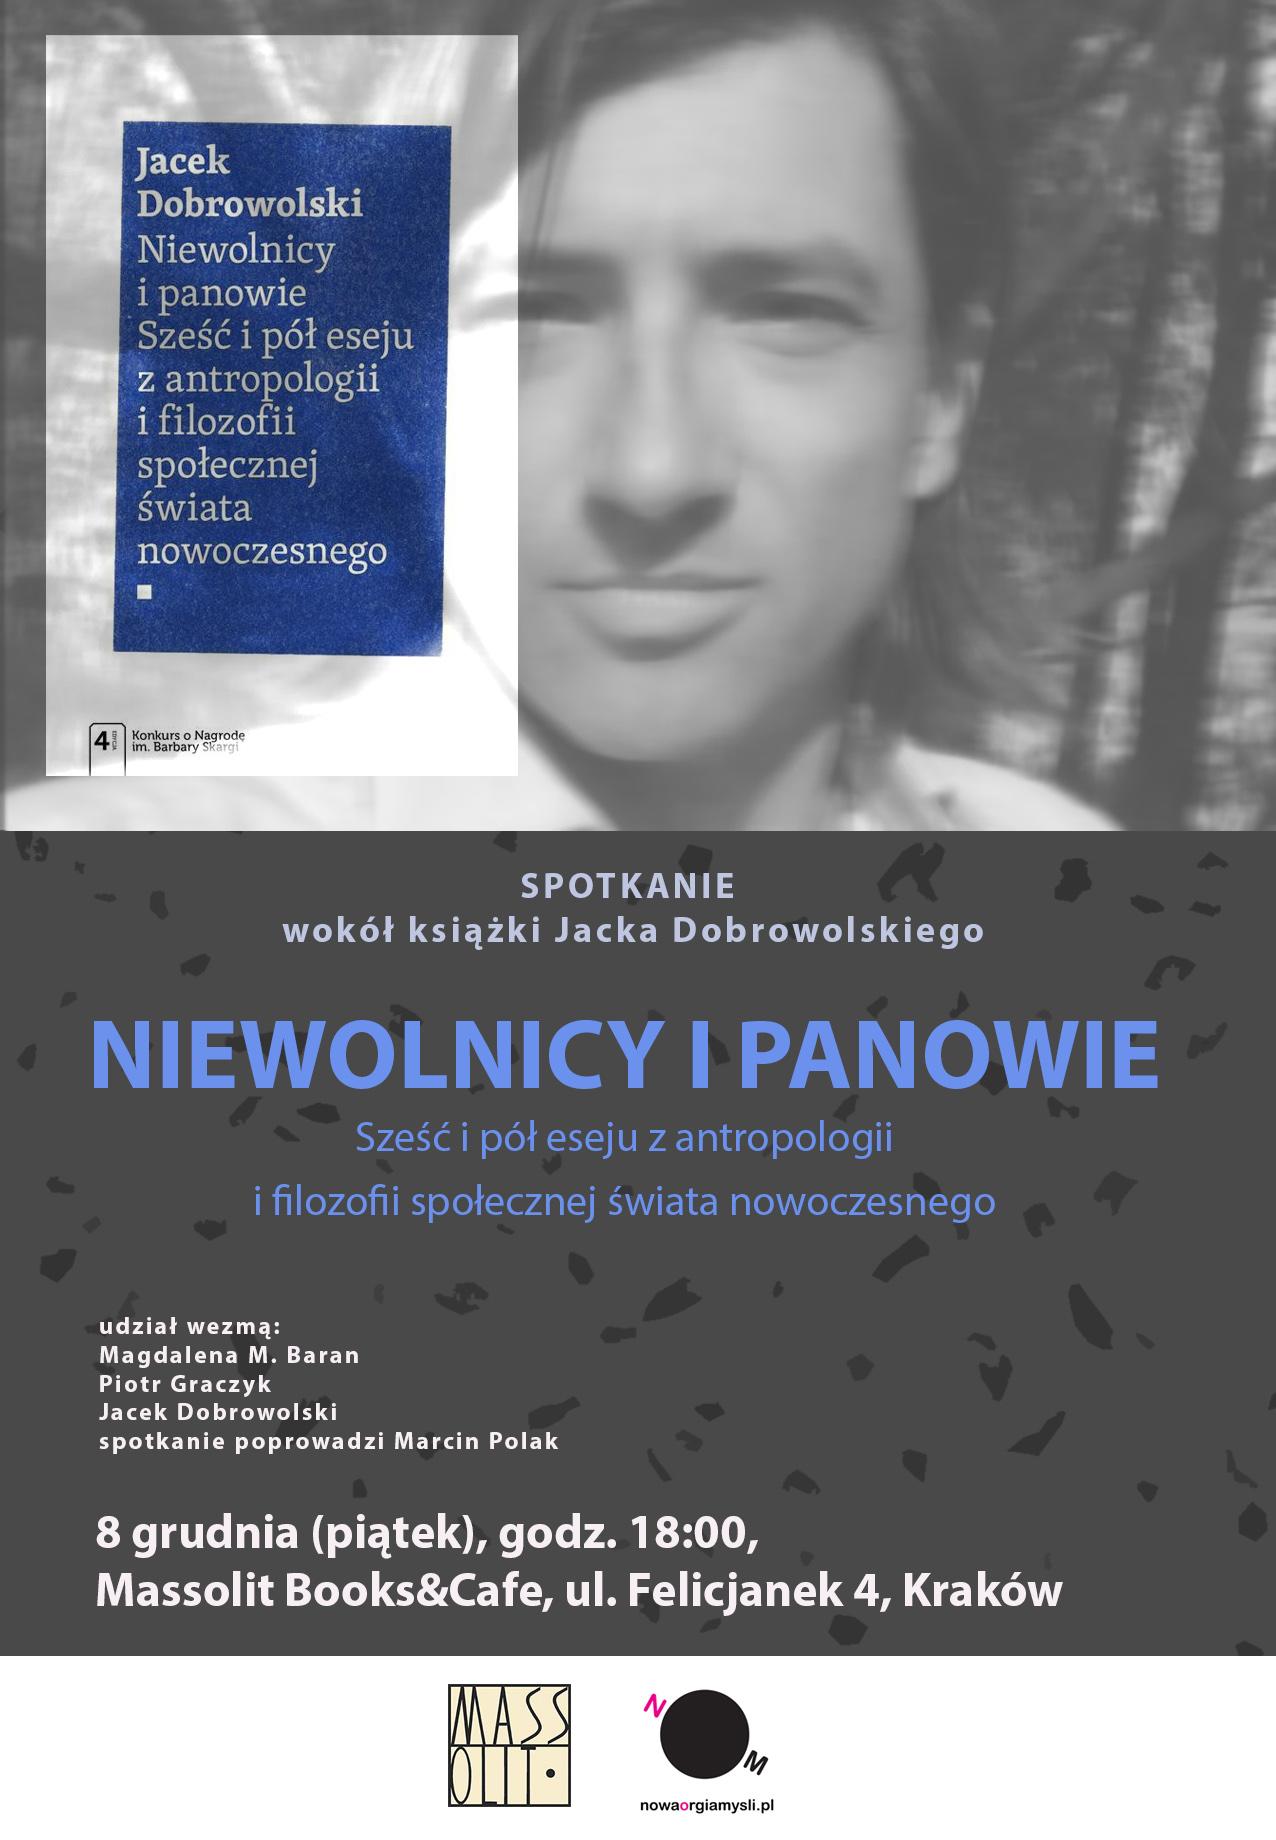 niewolnicy i panowie_spotkanie plakat4